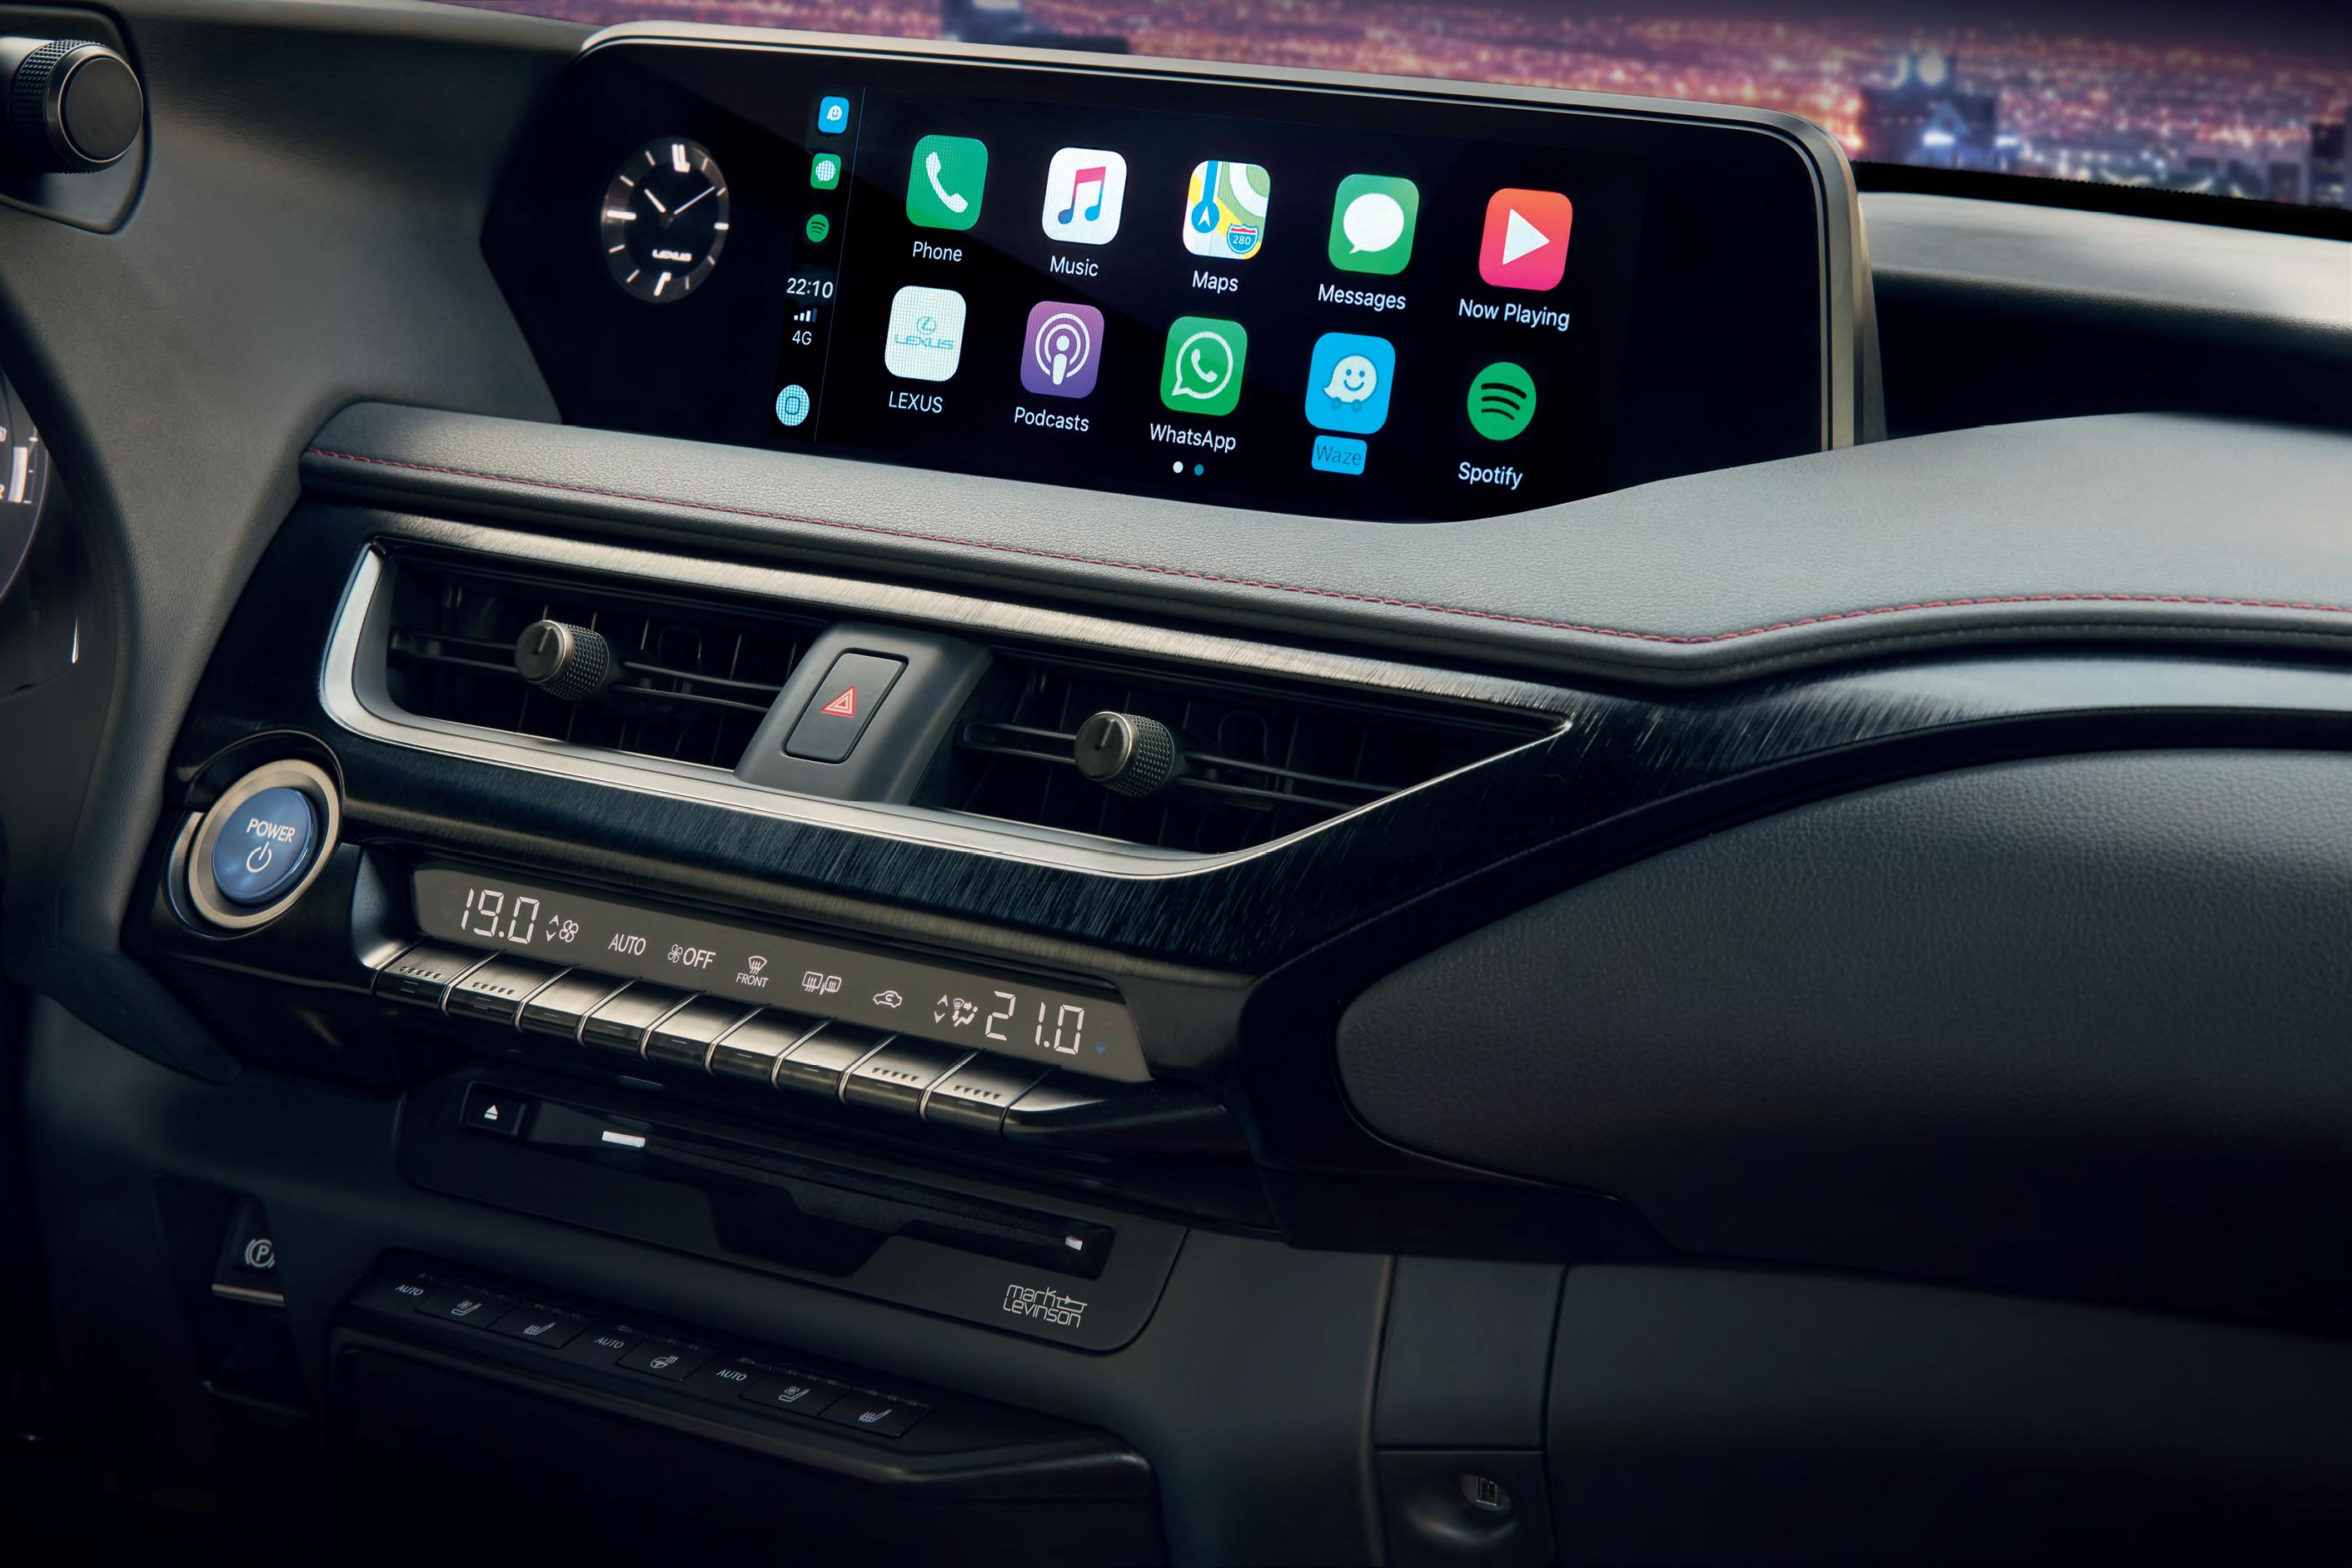 apple car play apps